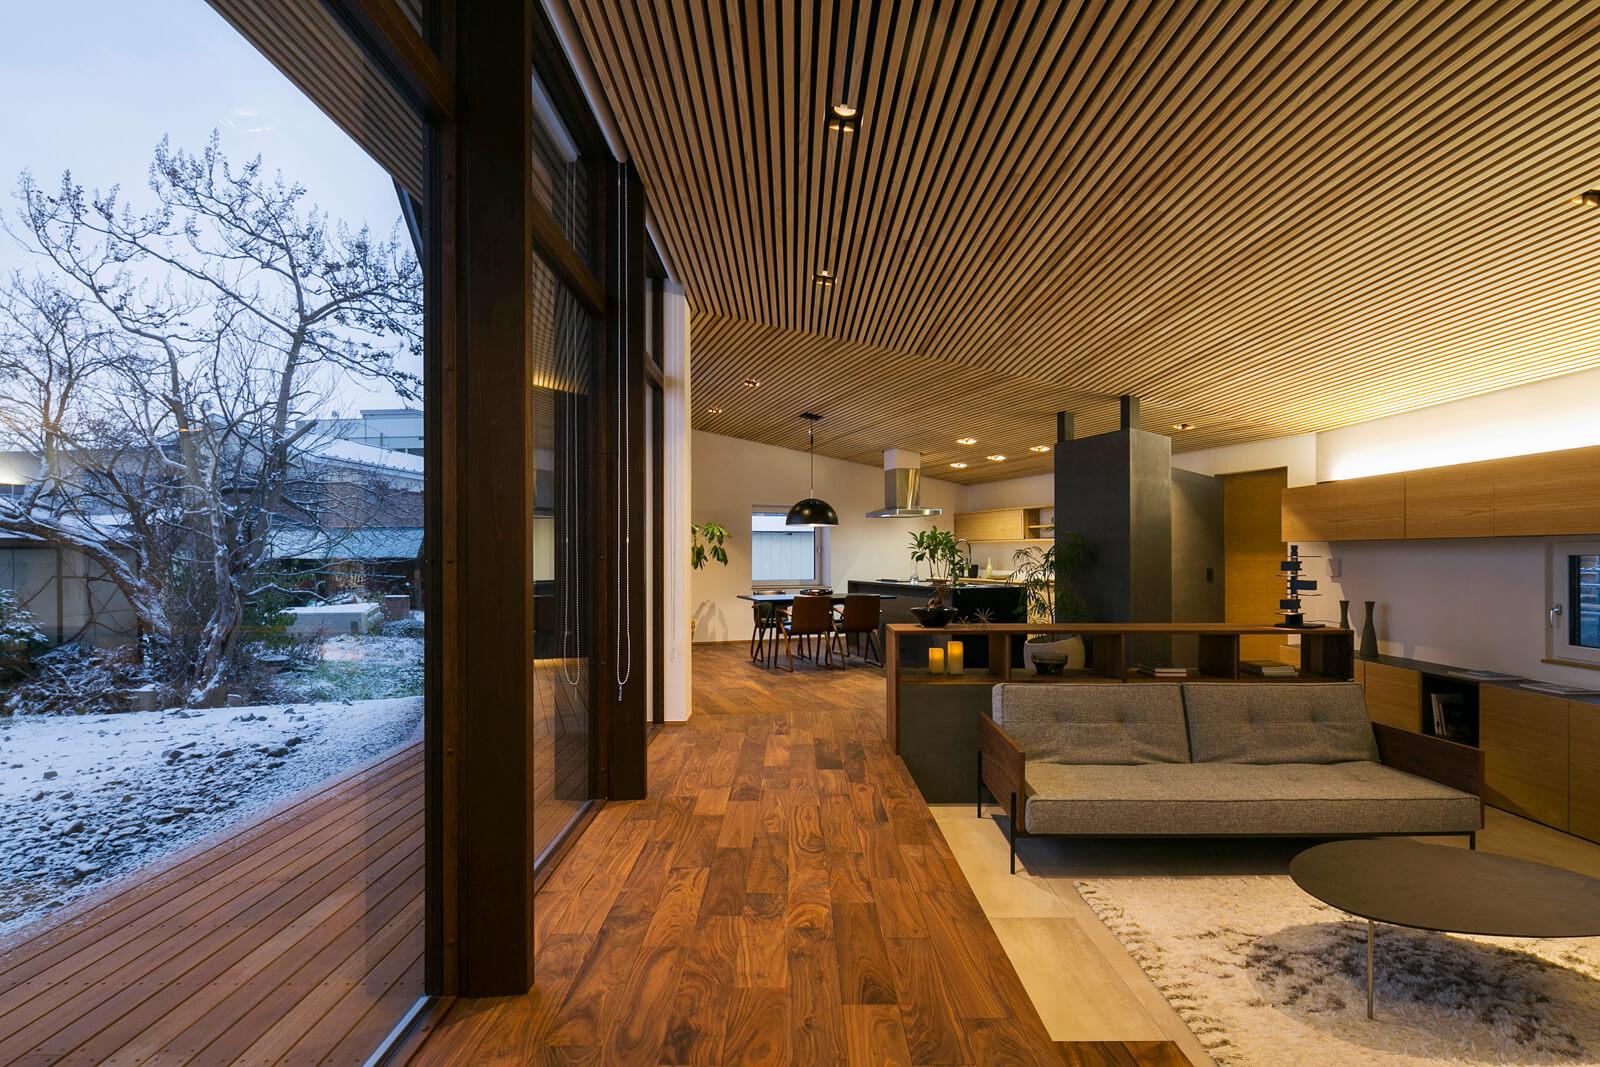 連続する木製サッシのトリプルガラスが室内奥深くまで陽射しを取り込む